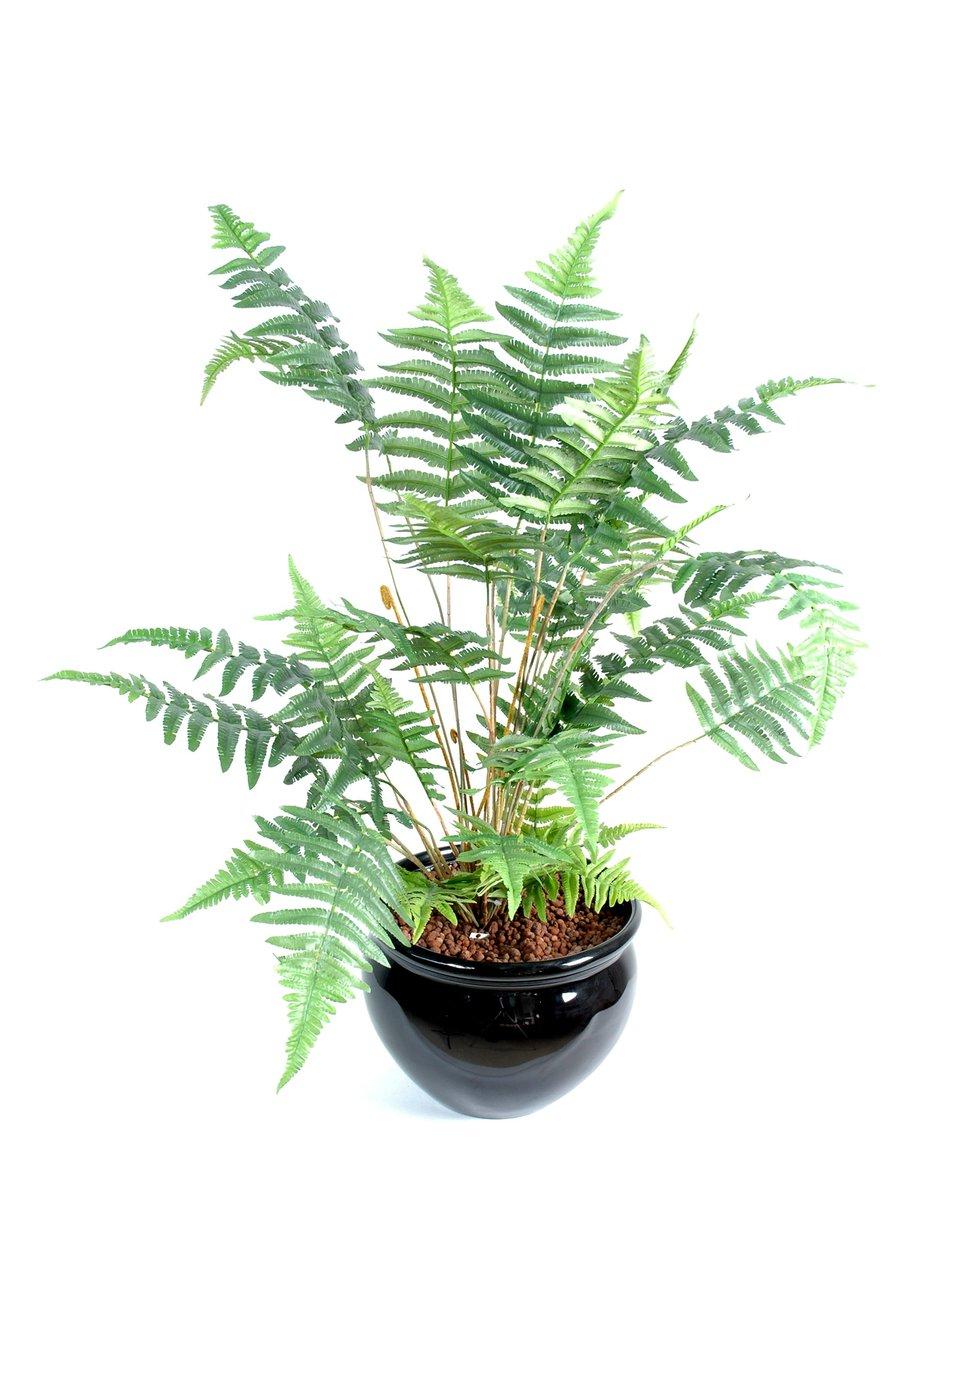 Flores plantas arboles artificiales ceramica vidrio - Arboles artificiales ...